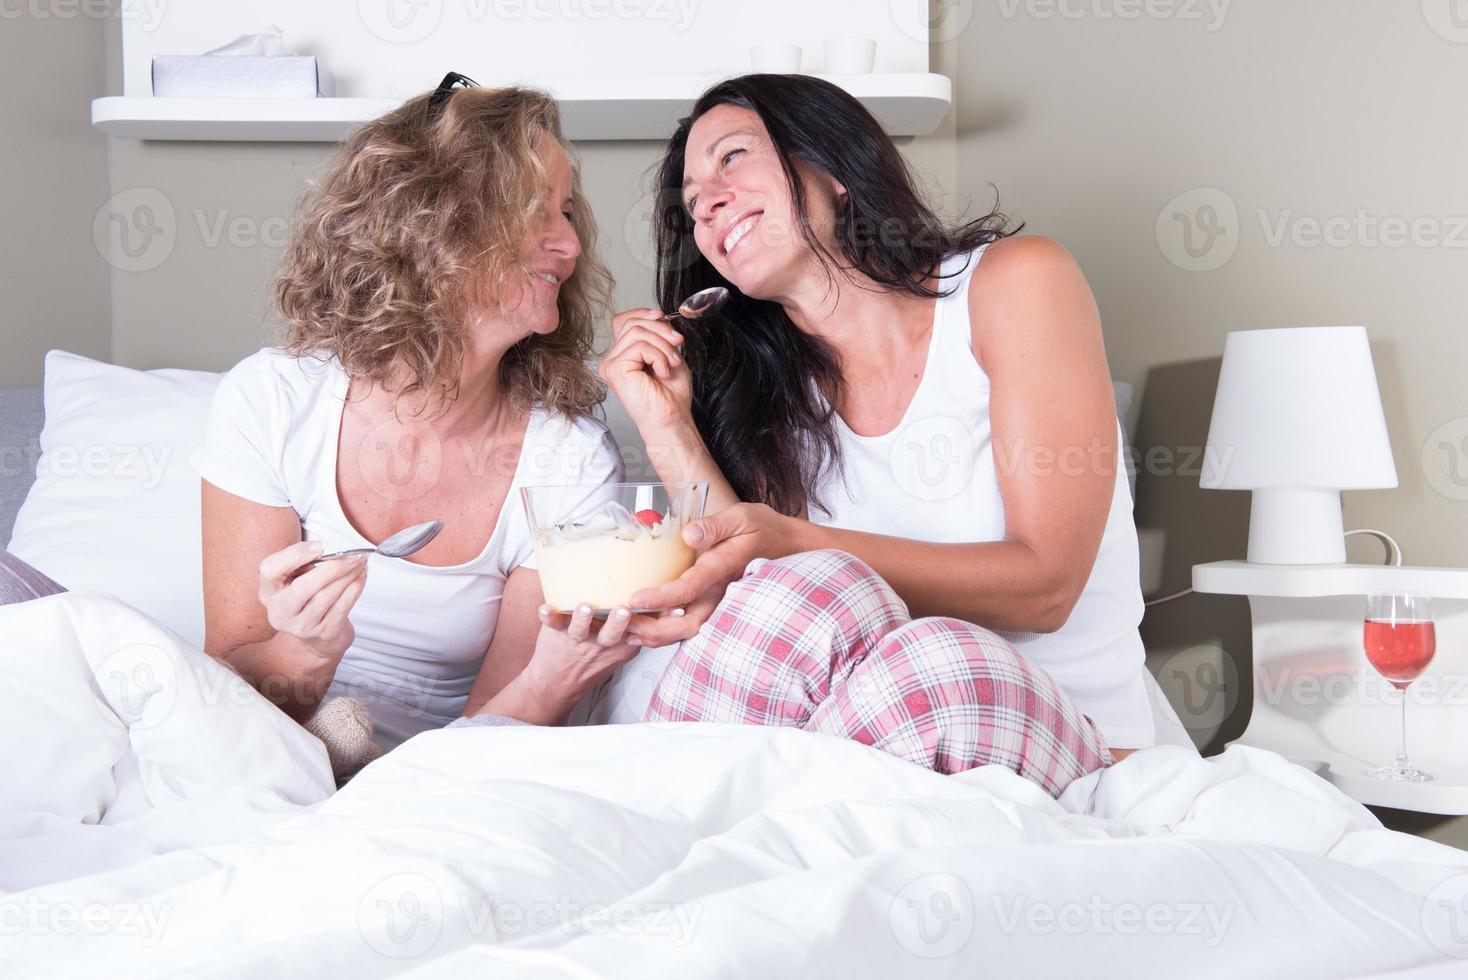 deux jolies femmes appréciant leur soirée de femmes au lit photo